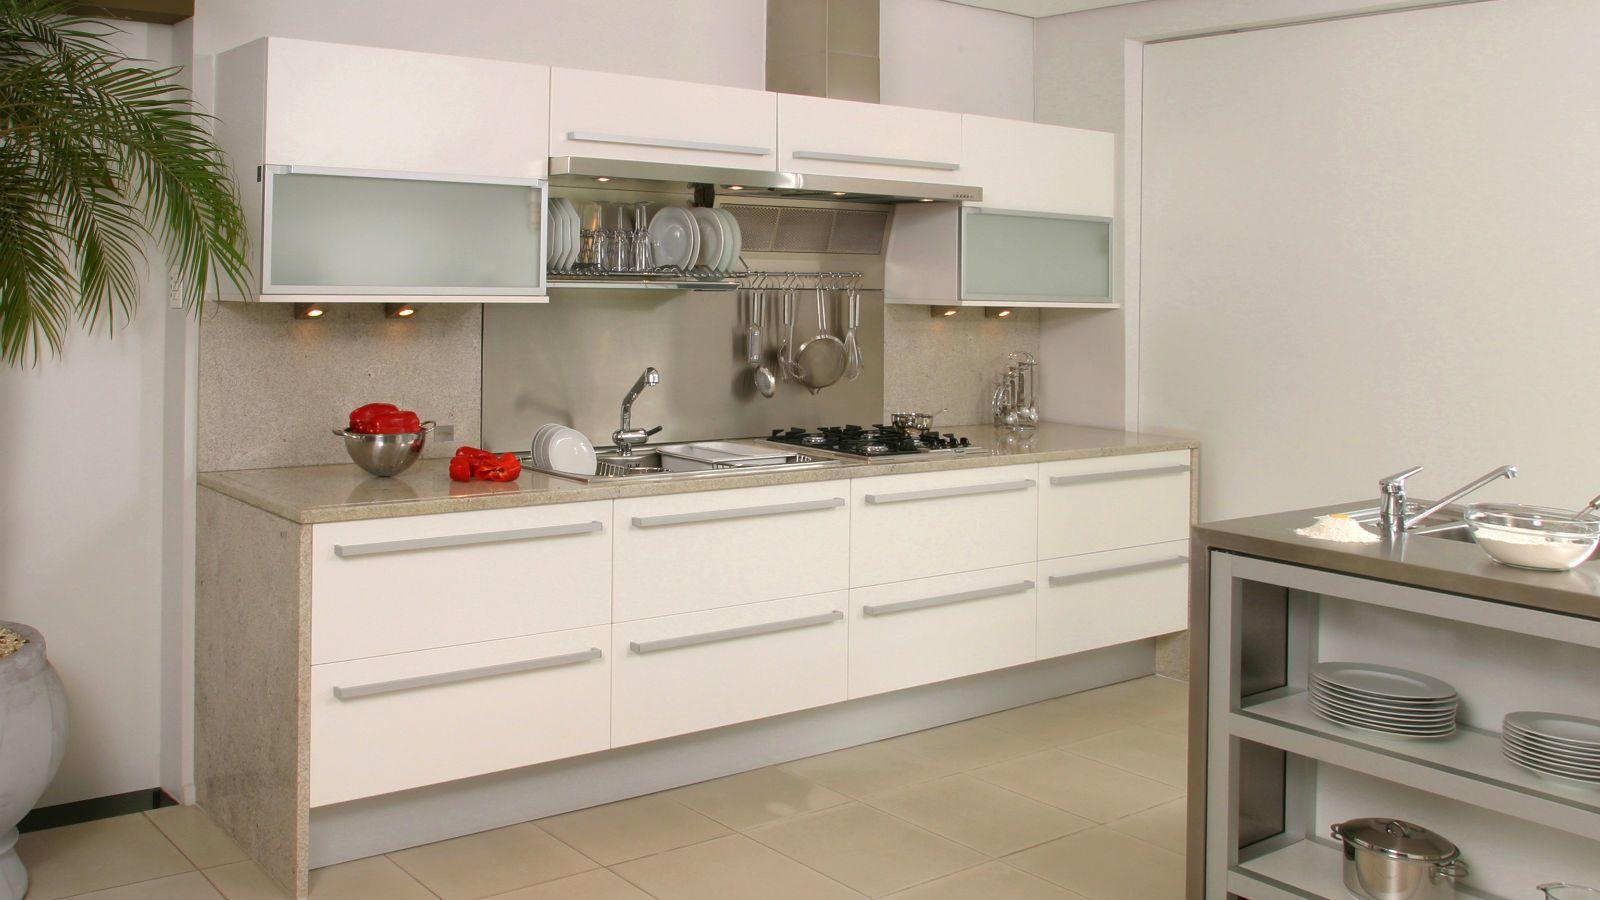 Come Organizzare Una Cucina Funzionale. Cucina Piccola E Funzionale ...